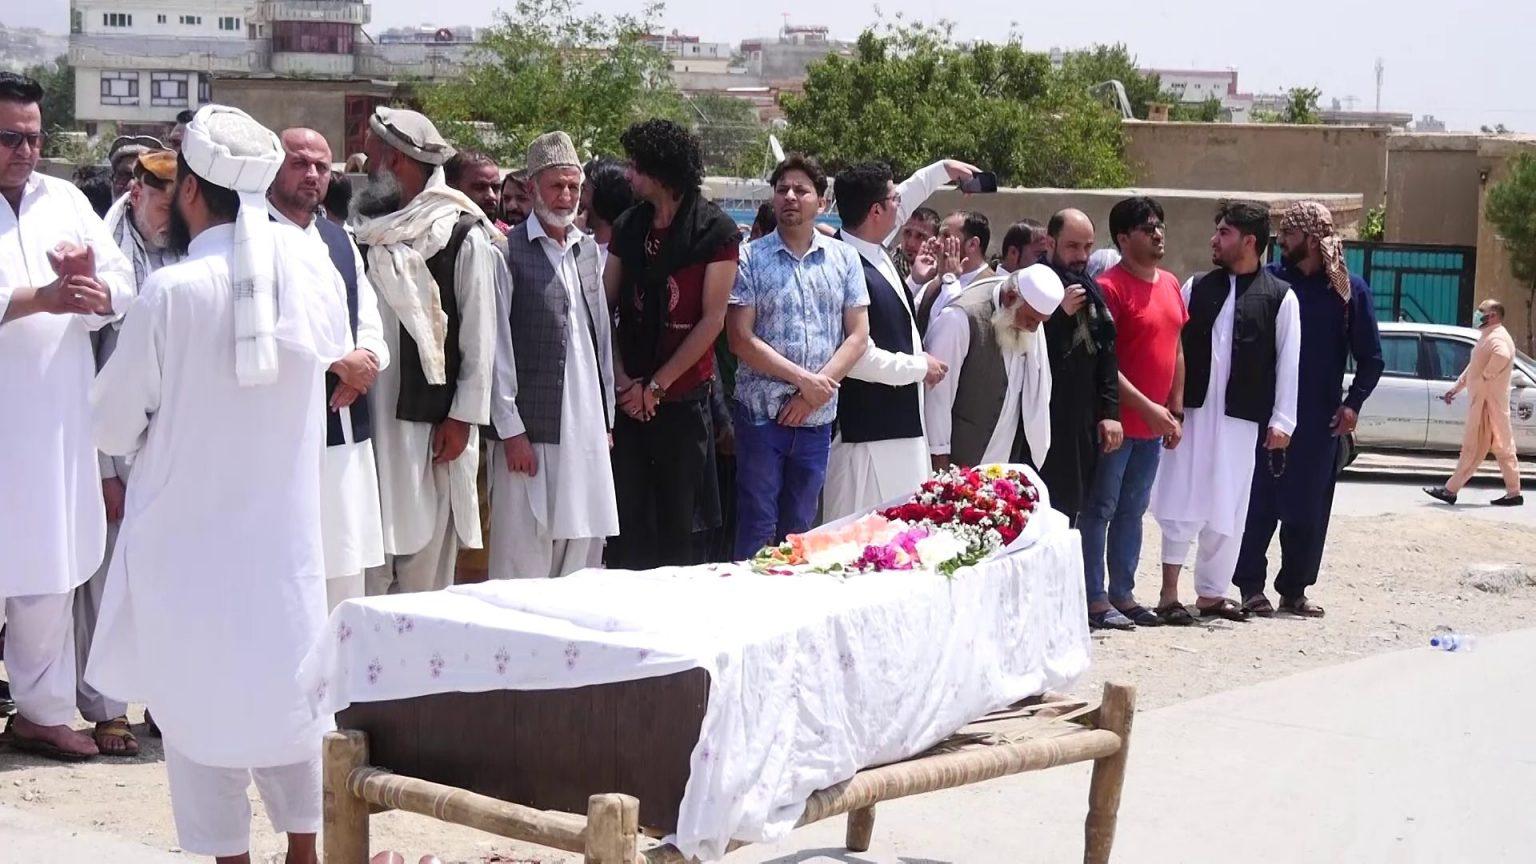 فهیم رحیمی خواننده مشهور افغانستان درگذشت